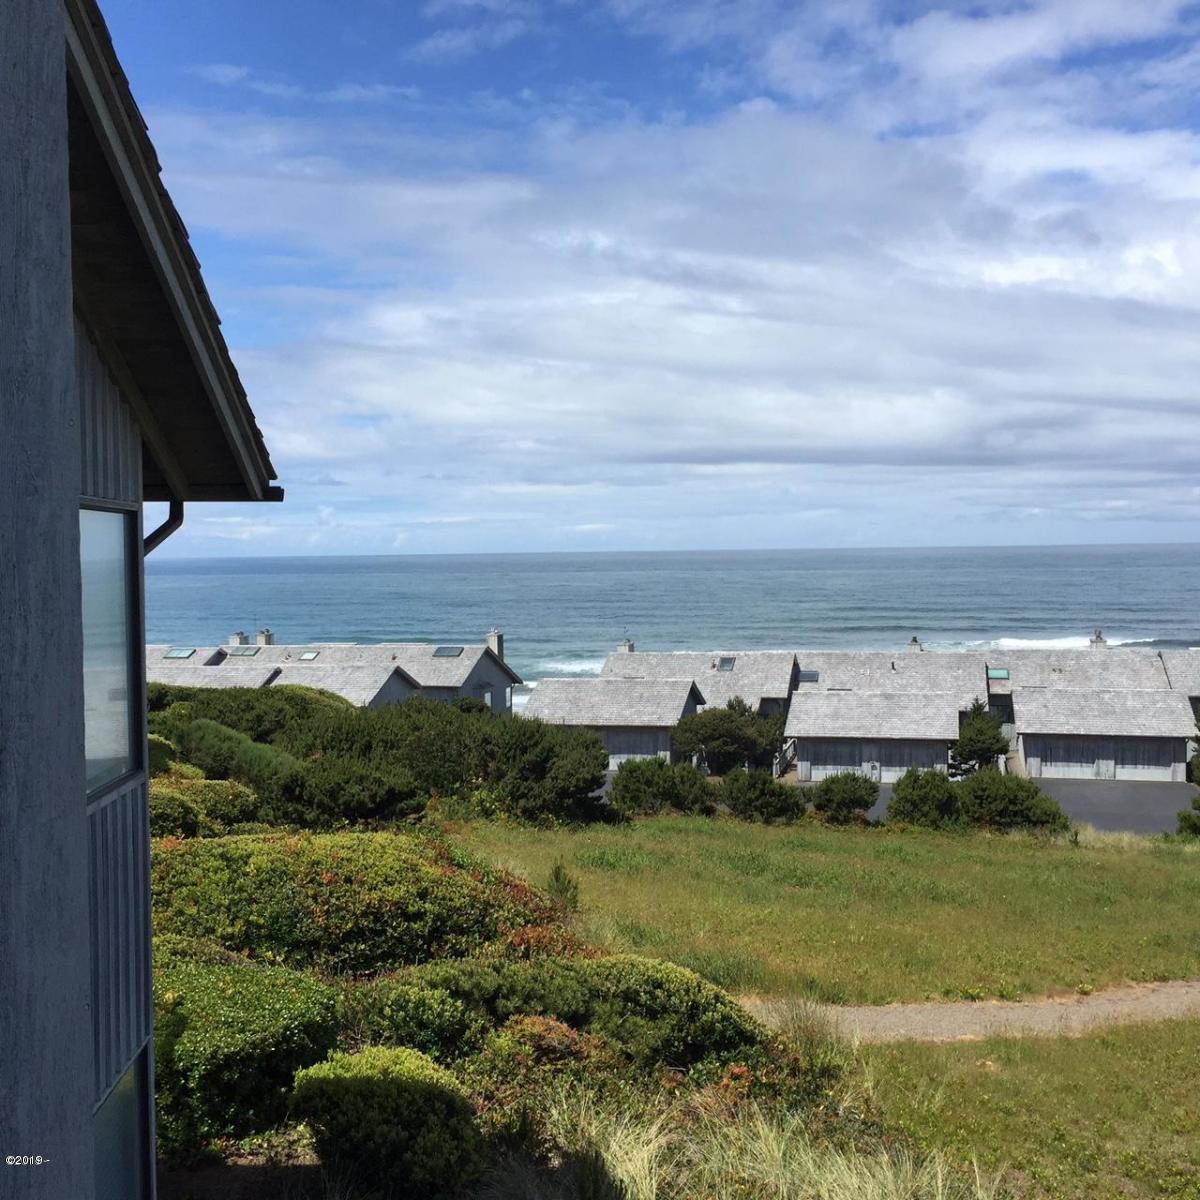 4175 N Hwy 101, H-4, Depoe Bay, OR 97341 - Pano Ocean View